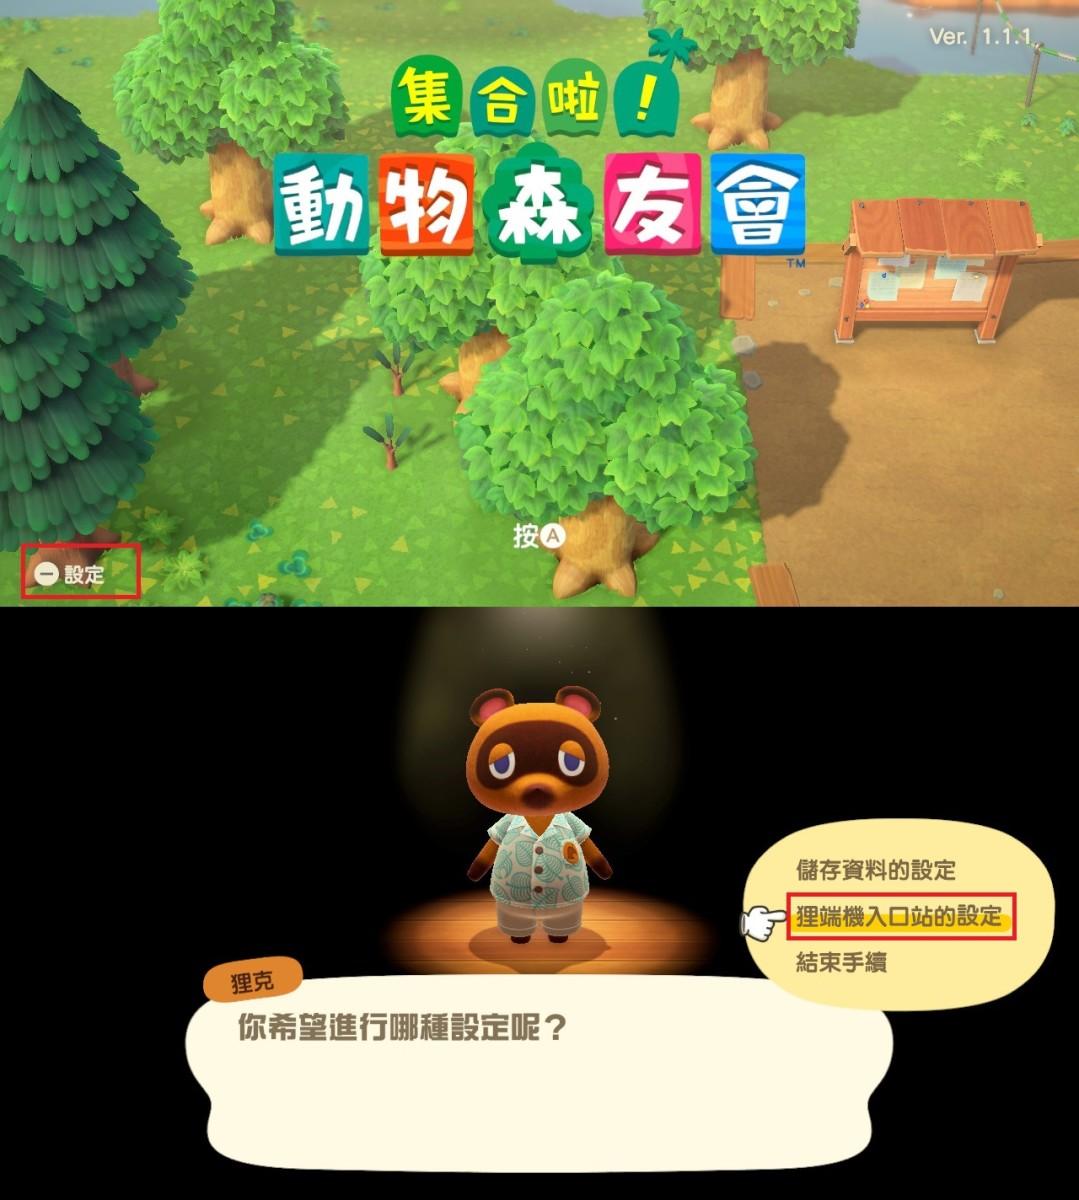 Step.2 如果是初次使用的話,遊戲會要求玩家回到主頁面(於遊戲中可按「 - 」退出),同樣於主頁面中按「 - 」就能進入設定畫面,然後選擇「狸端機入口站」,等待一下後就能連動成功。